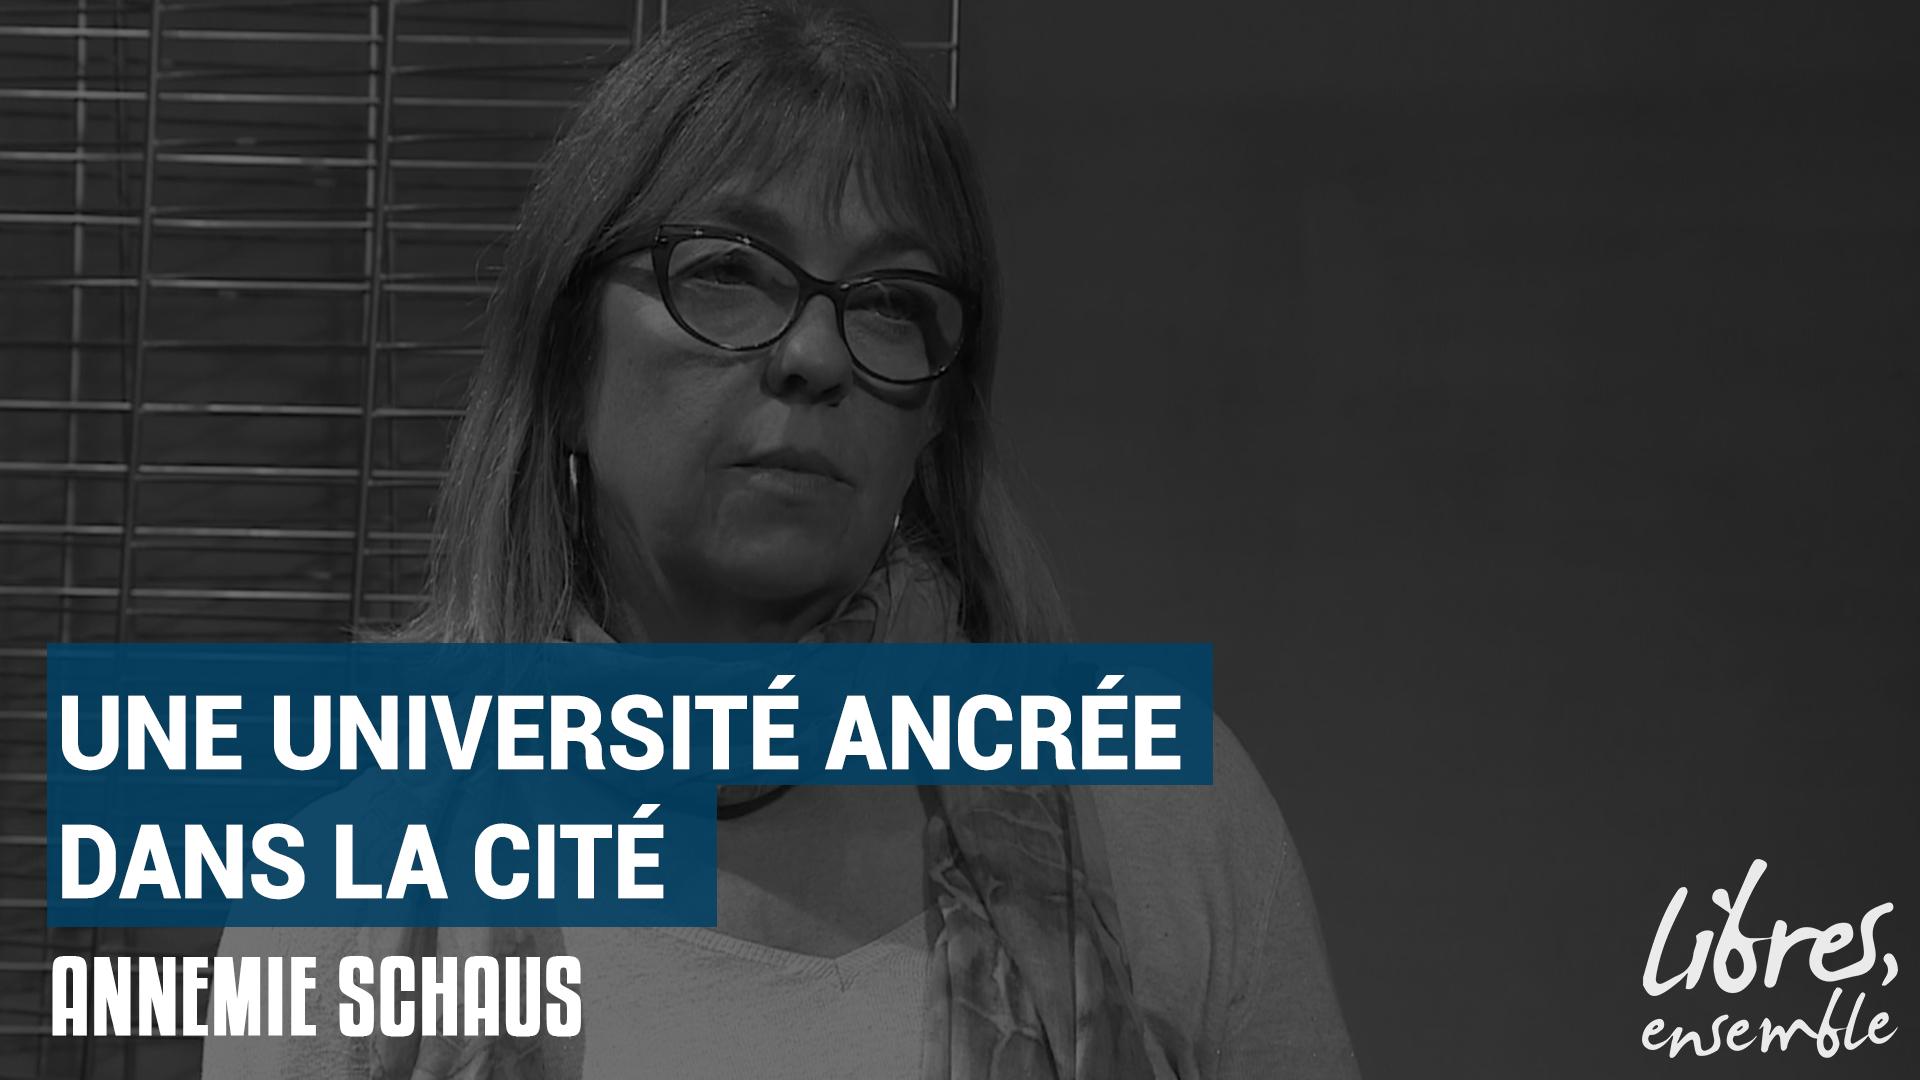 Une université ancrée dans la cité – Entretien avec Annemie Schaus